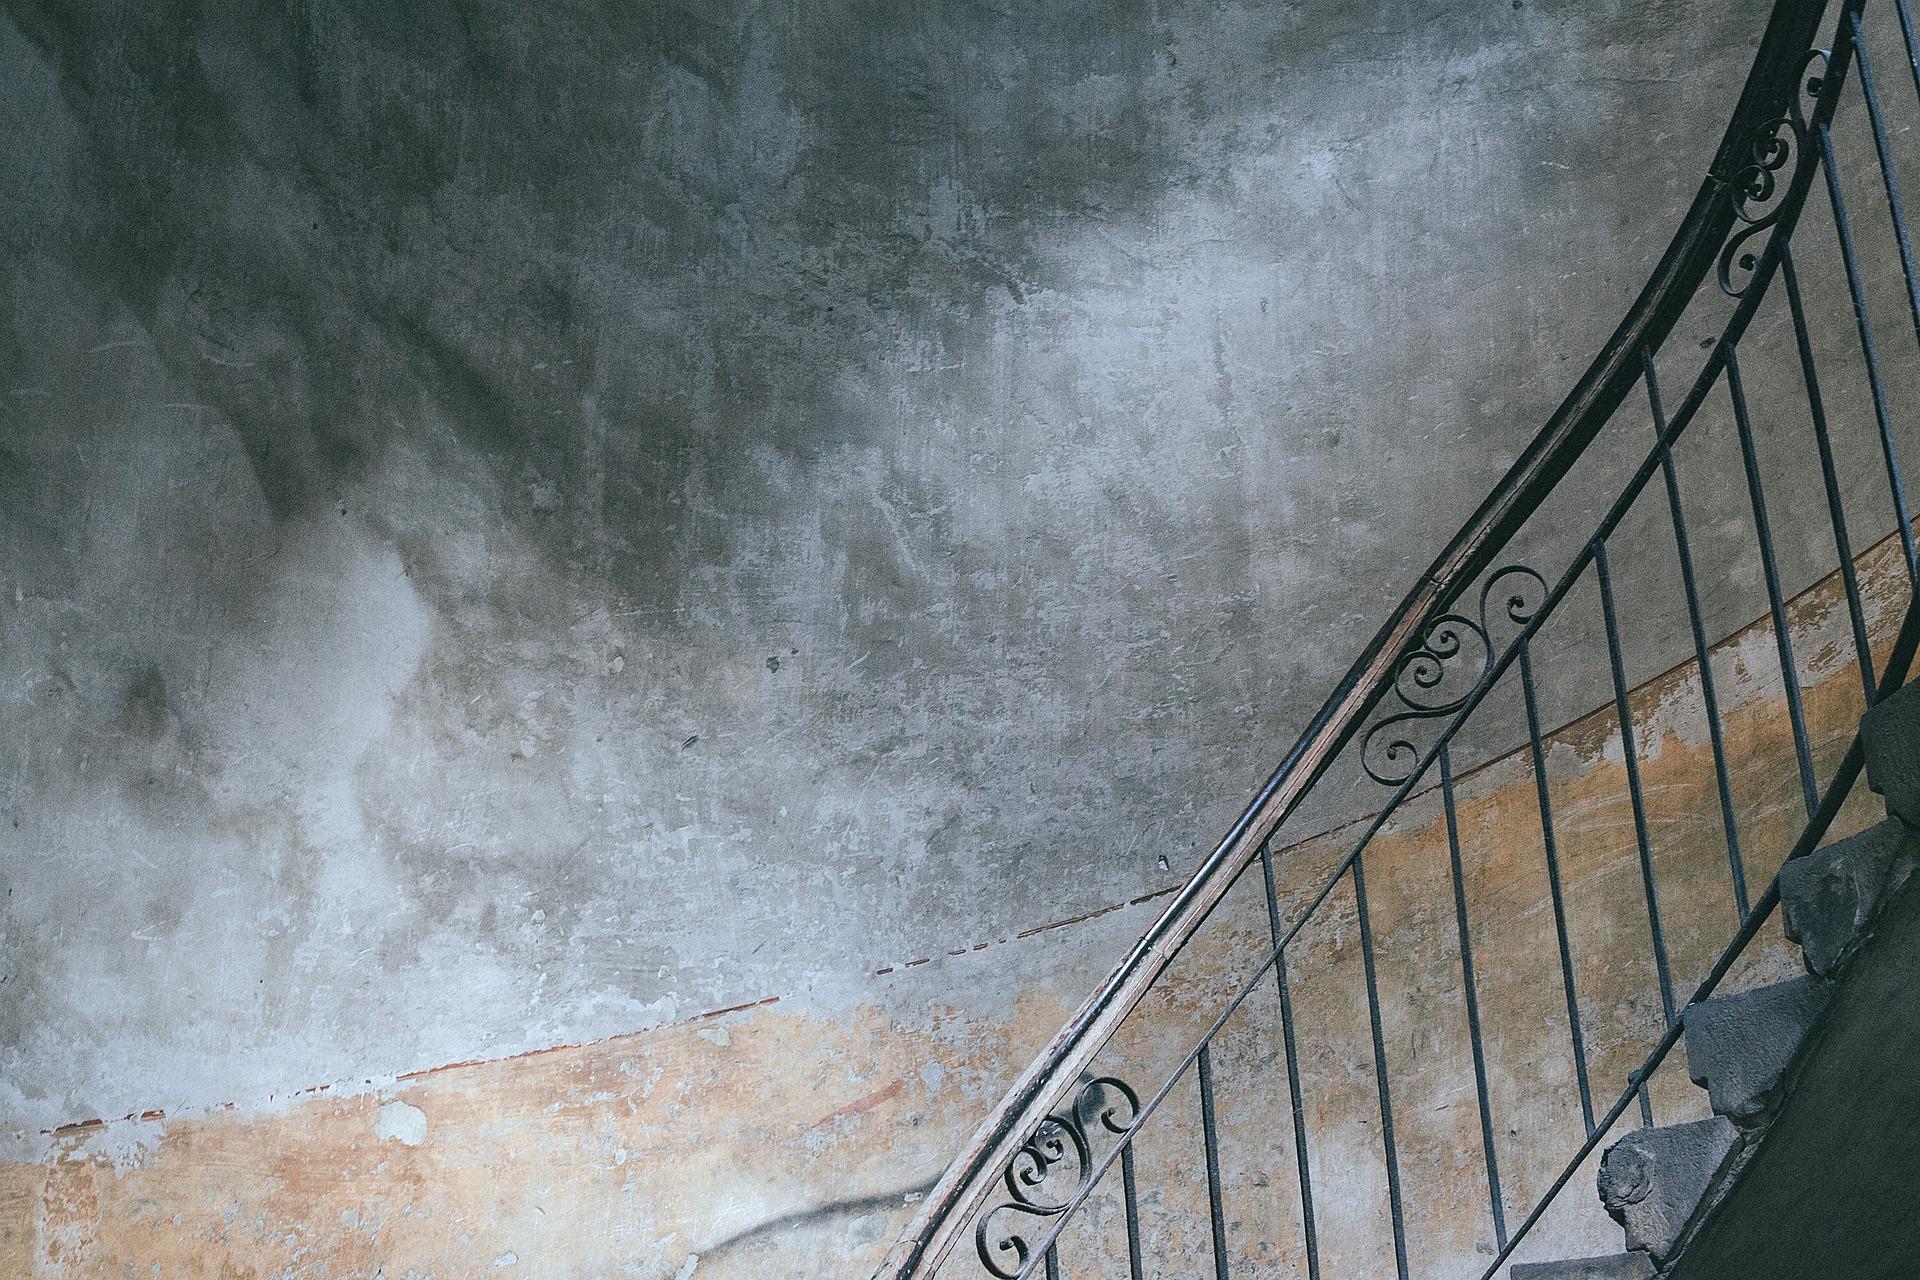 concrete-1845174_1920